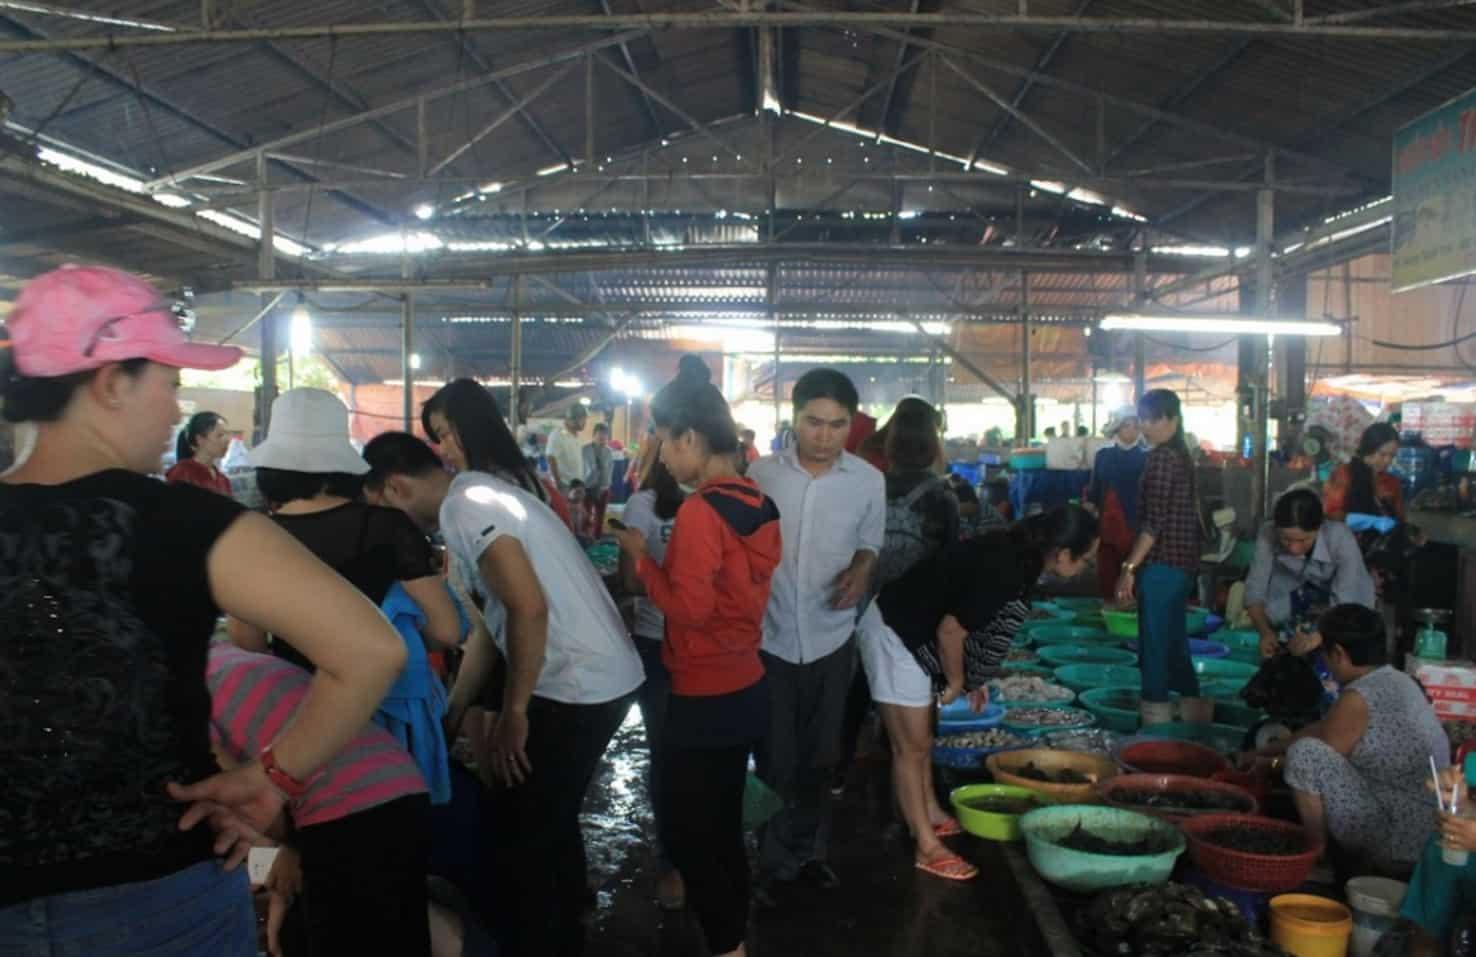 Chợ Cần Giờ, Thành phố Hồ Chí Minh